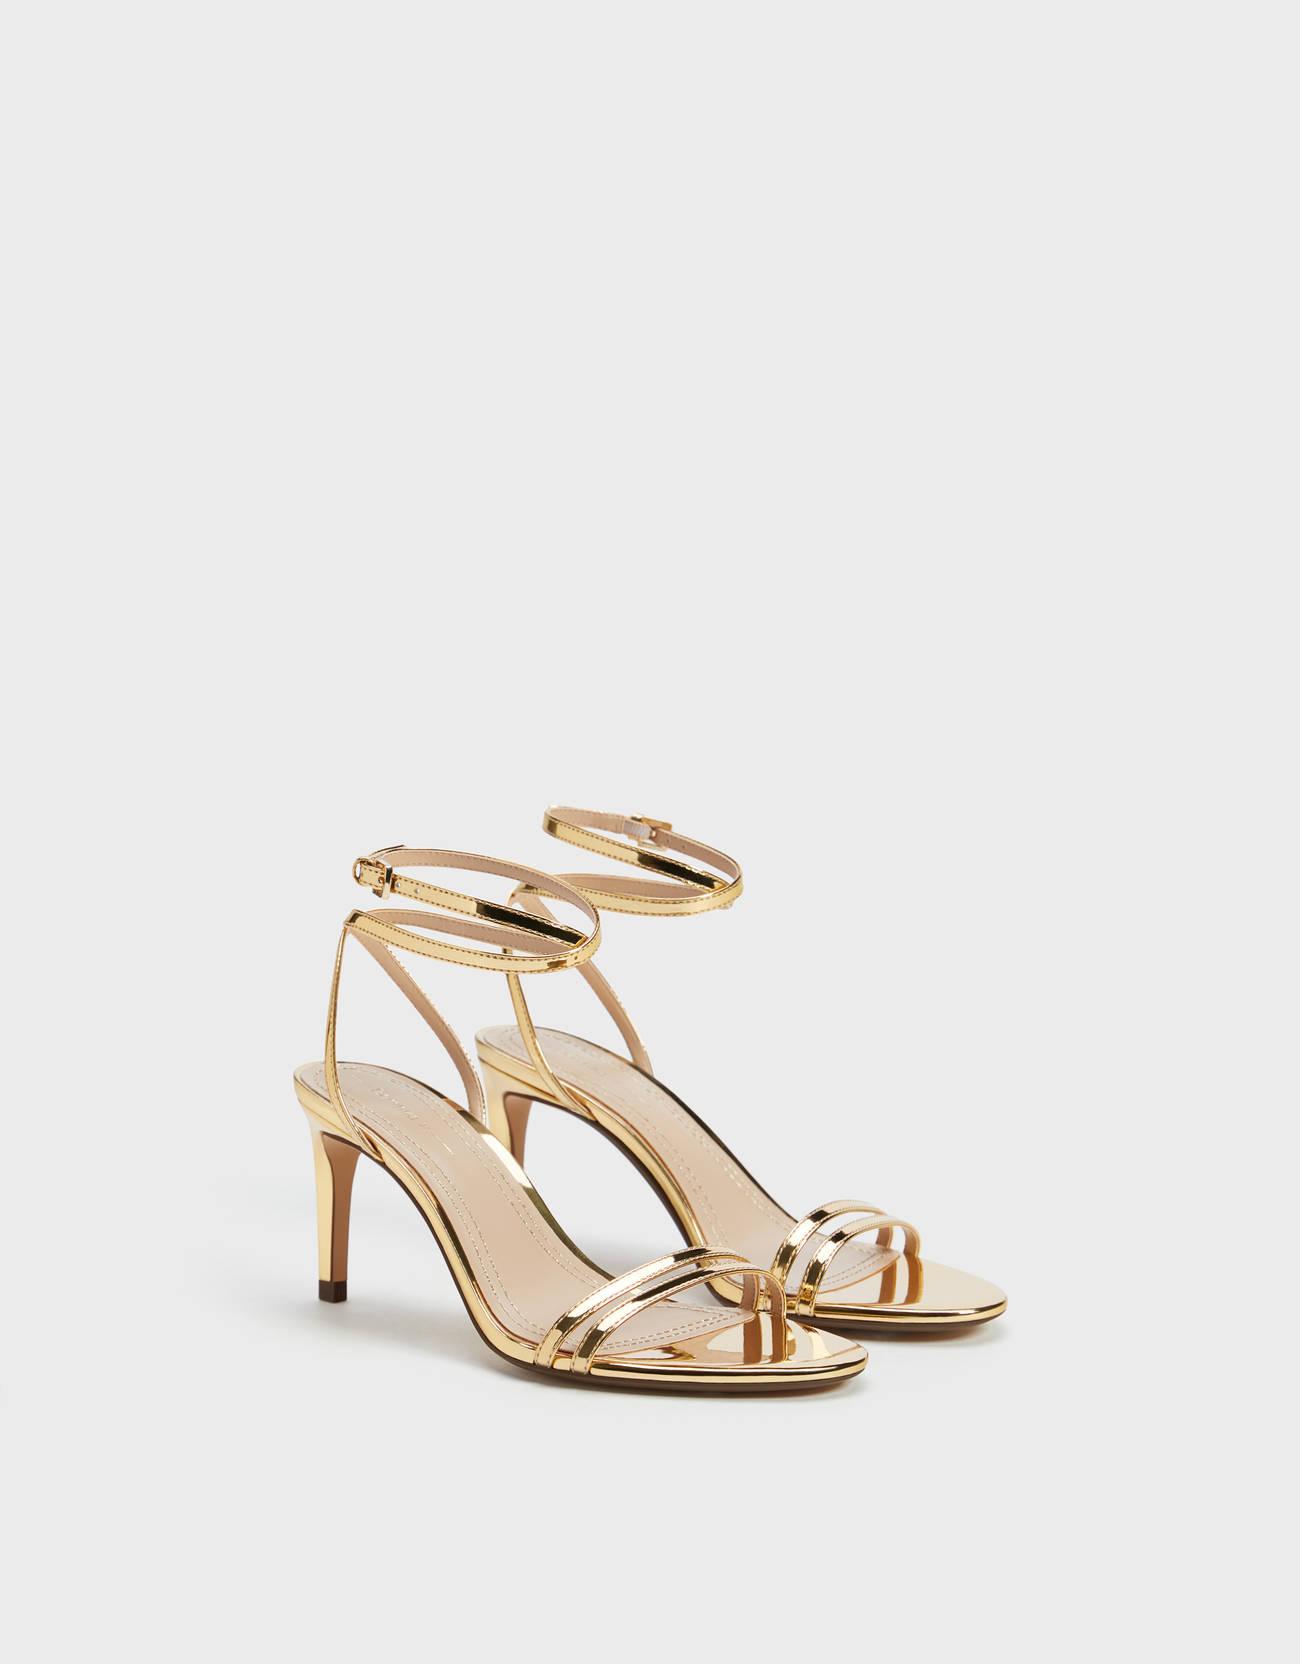 Sandalias doradas de tiras